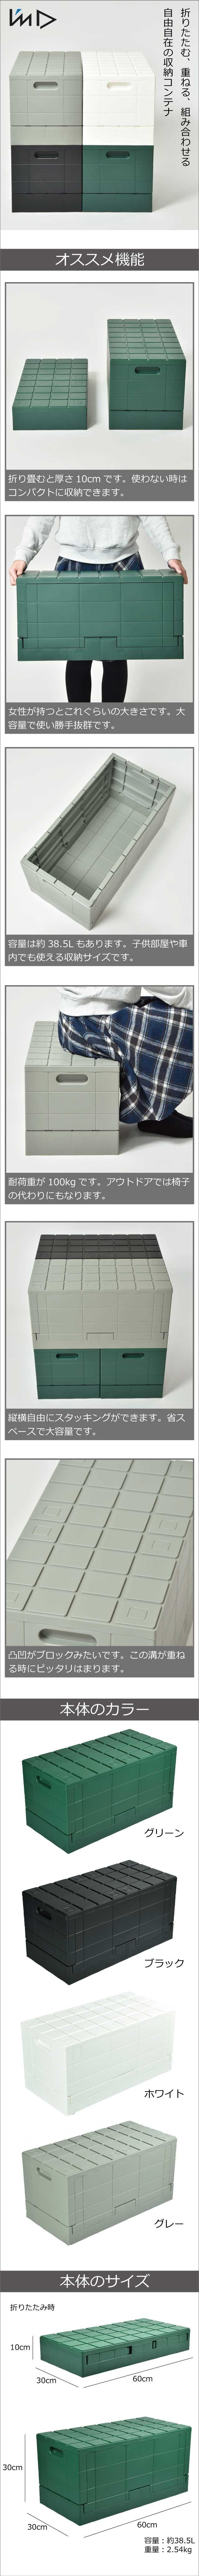 商品詳細 ■サイズ 組み立て時:幅60cm×奥行き30cm×高さ30cm 折り畳み時:幅60cm×奥行き30cm×高さ10cm ■素材:ポリプロピレン ■容量:約38.5L ■重量:2.54kg ■生産国:日本 スタッフコメント 並べたり積んだり、上面の凸凹を利用してブロックのように積み上げることができる収納コンテナです。 使わない時は高さ10cmに折り畳めるので、非常にコンパクトです。 折り畳みのコンテナは普段使いの収納の他に、子供部屋やアウトドアにとても役立ちます。 車にスタッキングして積むことができ、フタの溝が噛み合っているのでカーブの多い山道でも荷物が崩れにくいです。 また耐荷重も100kgありますので、椅子としても代用できます。 容量は38.5Lありますので、かなりの荷物を収納することができます。 フタ付きなのでクローゼットやベット下に置いてもホコリをかぶらず安心です。クオリティは安心の日本製です。 関連商品